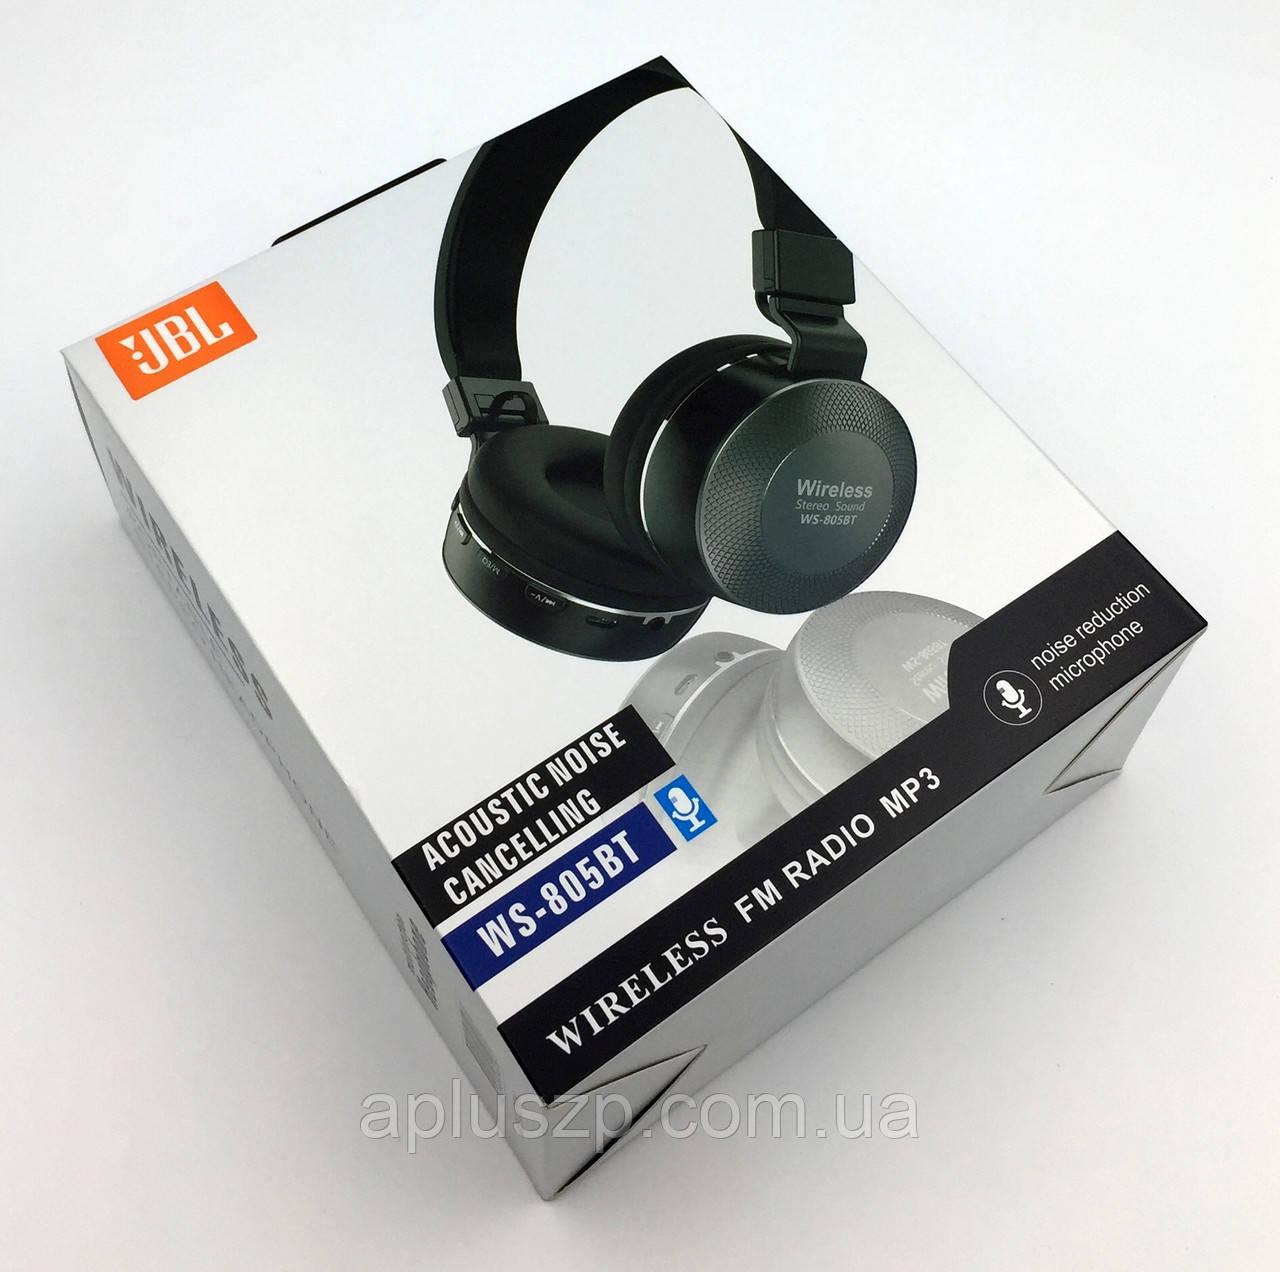 edd08bb857b Наушники Bluetooth JBL WS-805BT с встроенным плеером Black - Aplus в  Запорожье